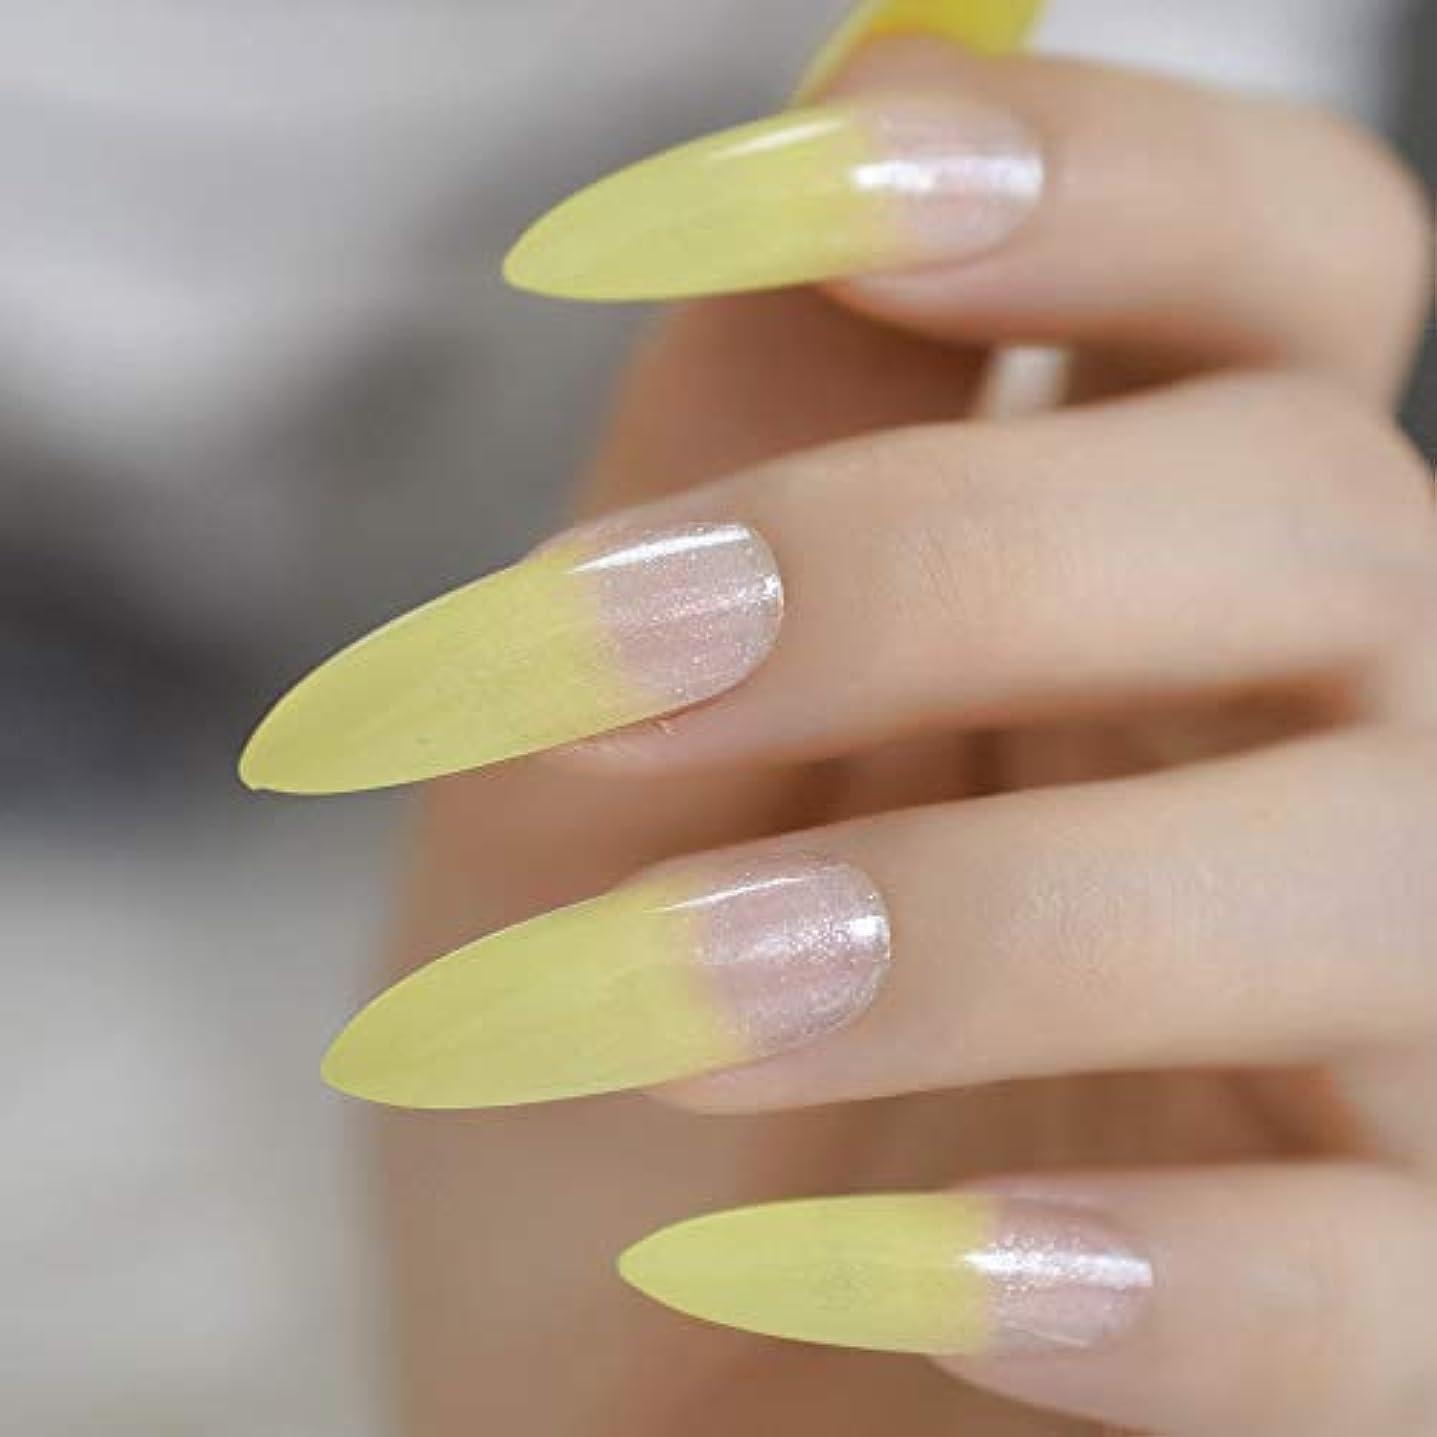 ベリ後継イヤホンXUTXZKA 偽の指の爪のエクステンションデコに余分な長い爪の明るい黄色のグラデーションプレス